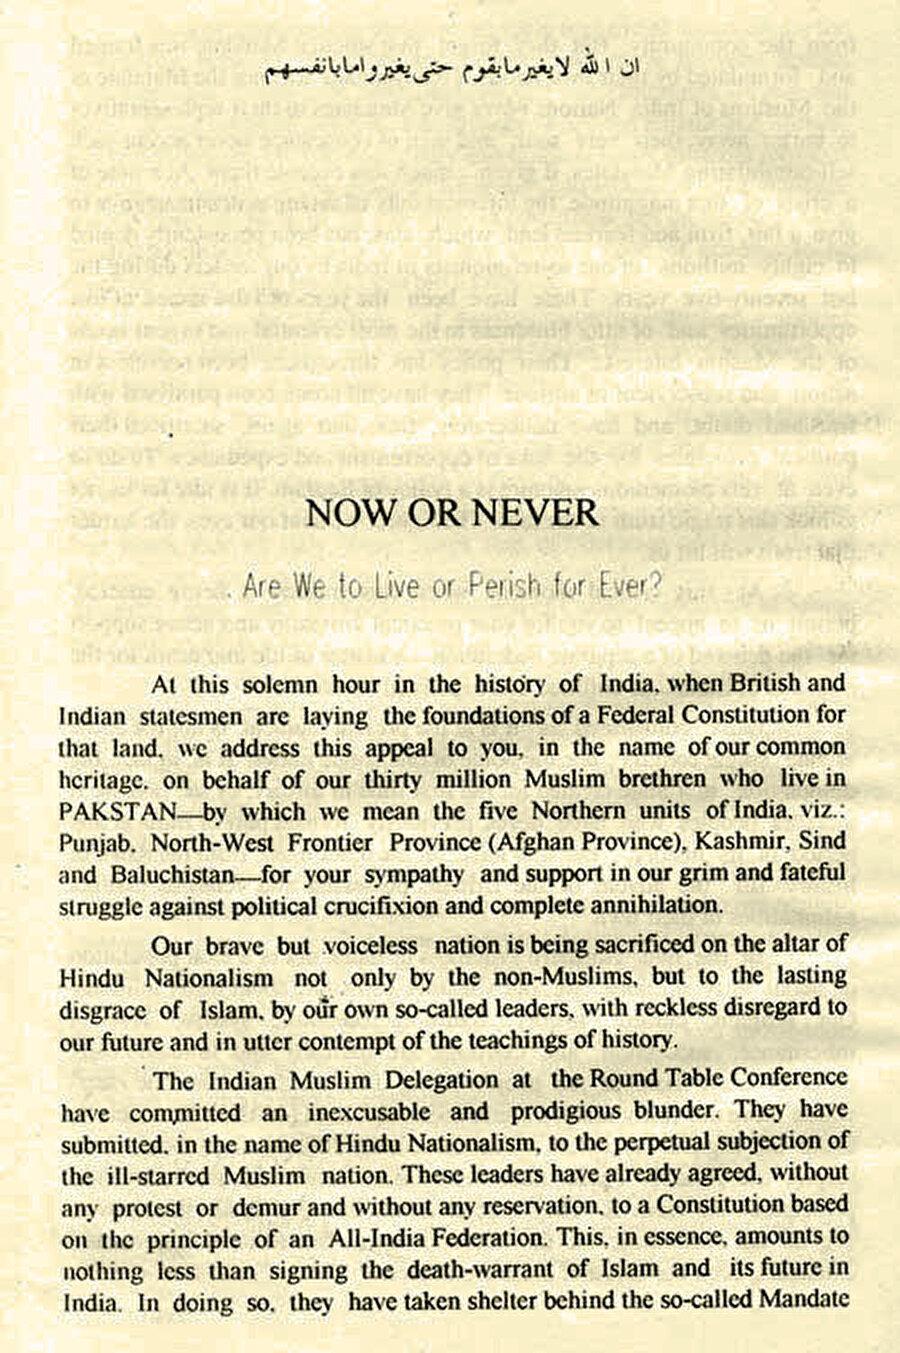 """Rahmet Ali'nin 1933'te yazdığı manifesto: """"Şimdi ya da Asla; Sonsuza dek yaşayacak mıyız yoksa yok mu olacağız?"""""""